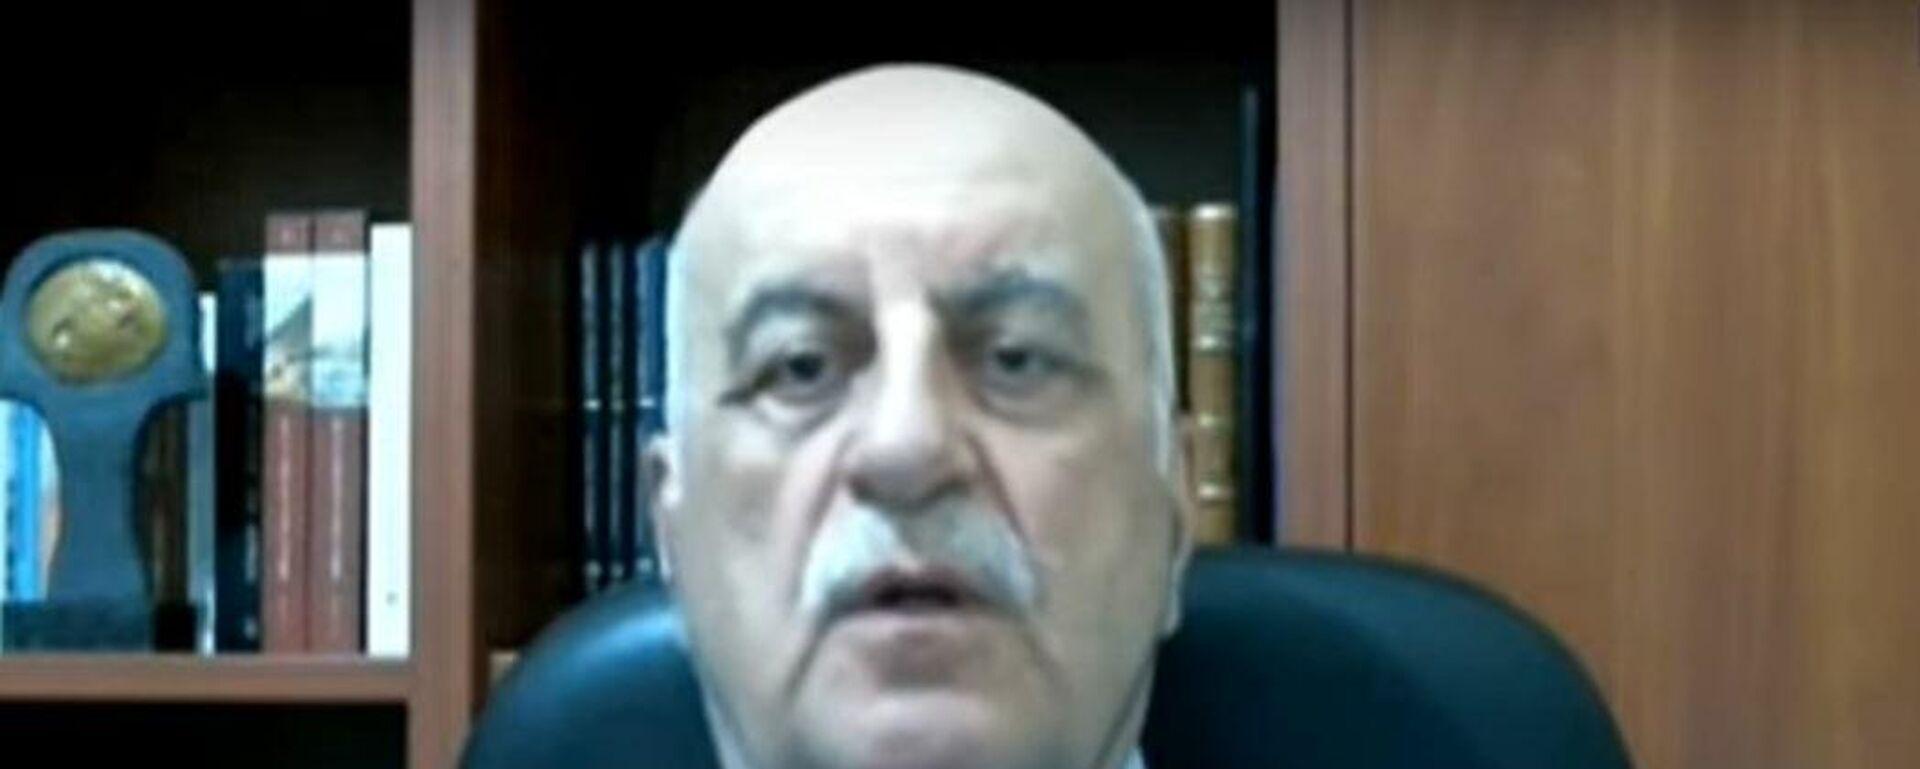 Ο καθηγητής Πνευμονολογίας Νίκος Τζανάκης - Sputnik Ελλάδα, 1920, 08.09.2021